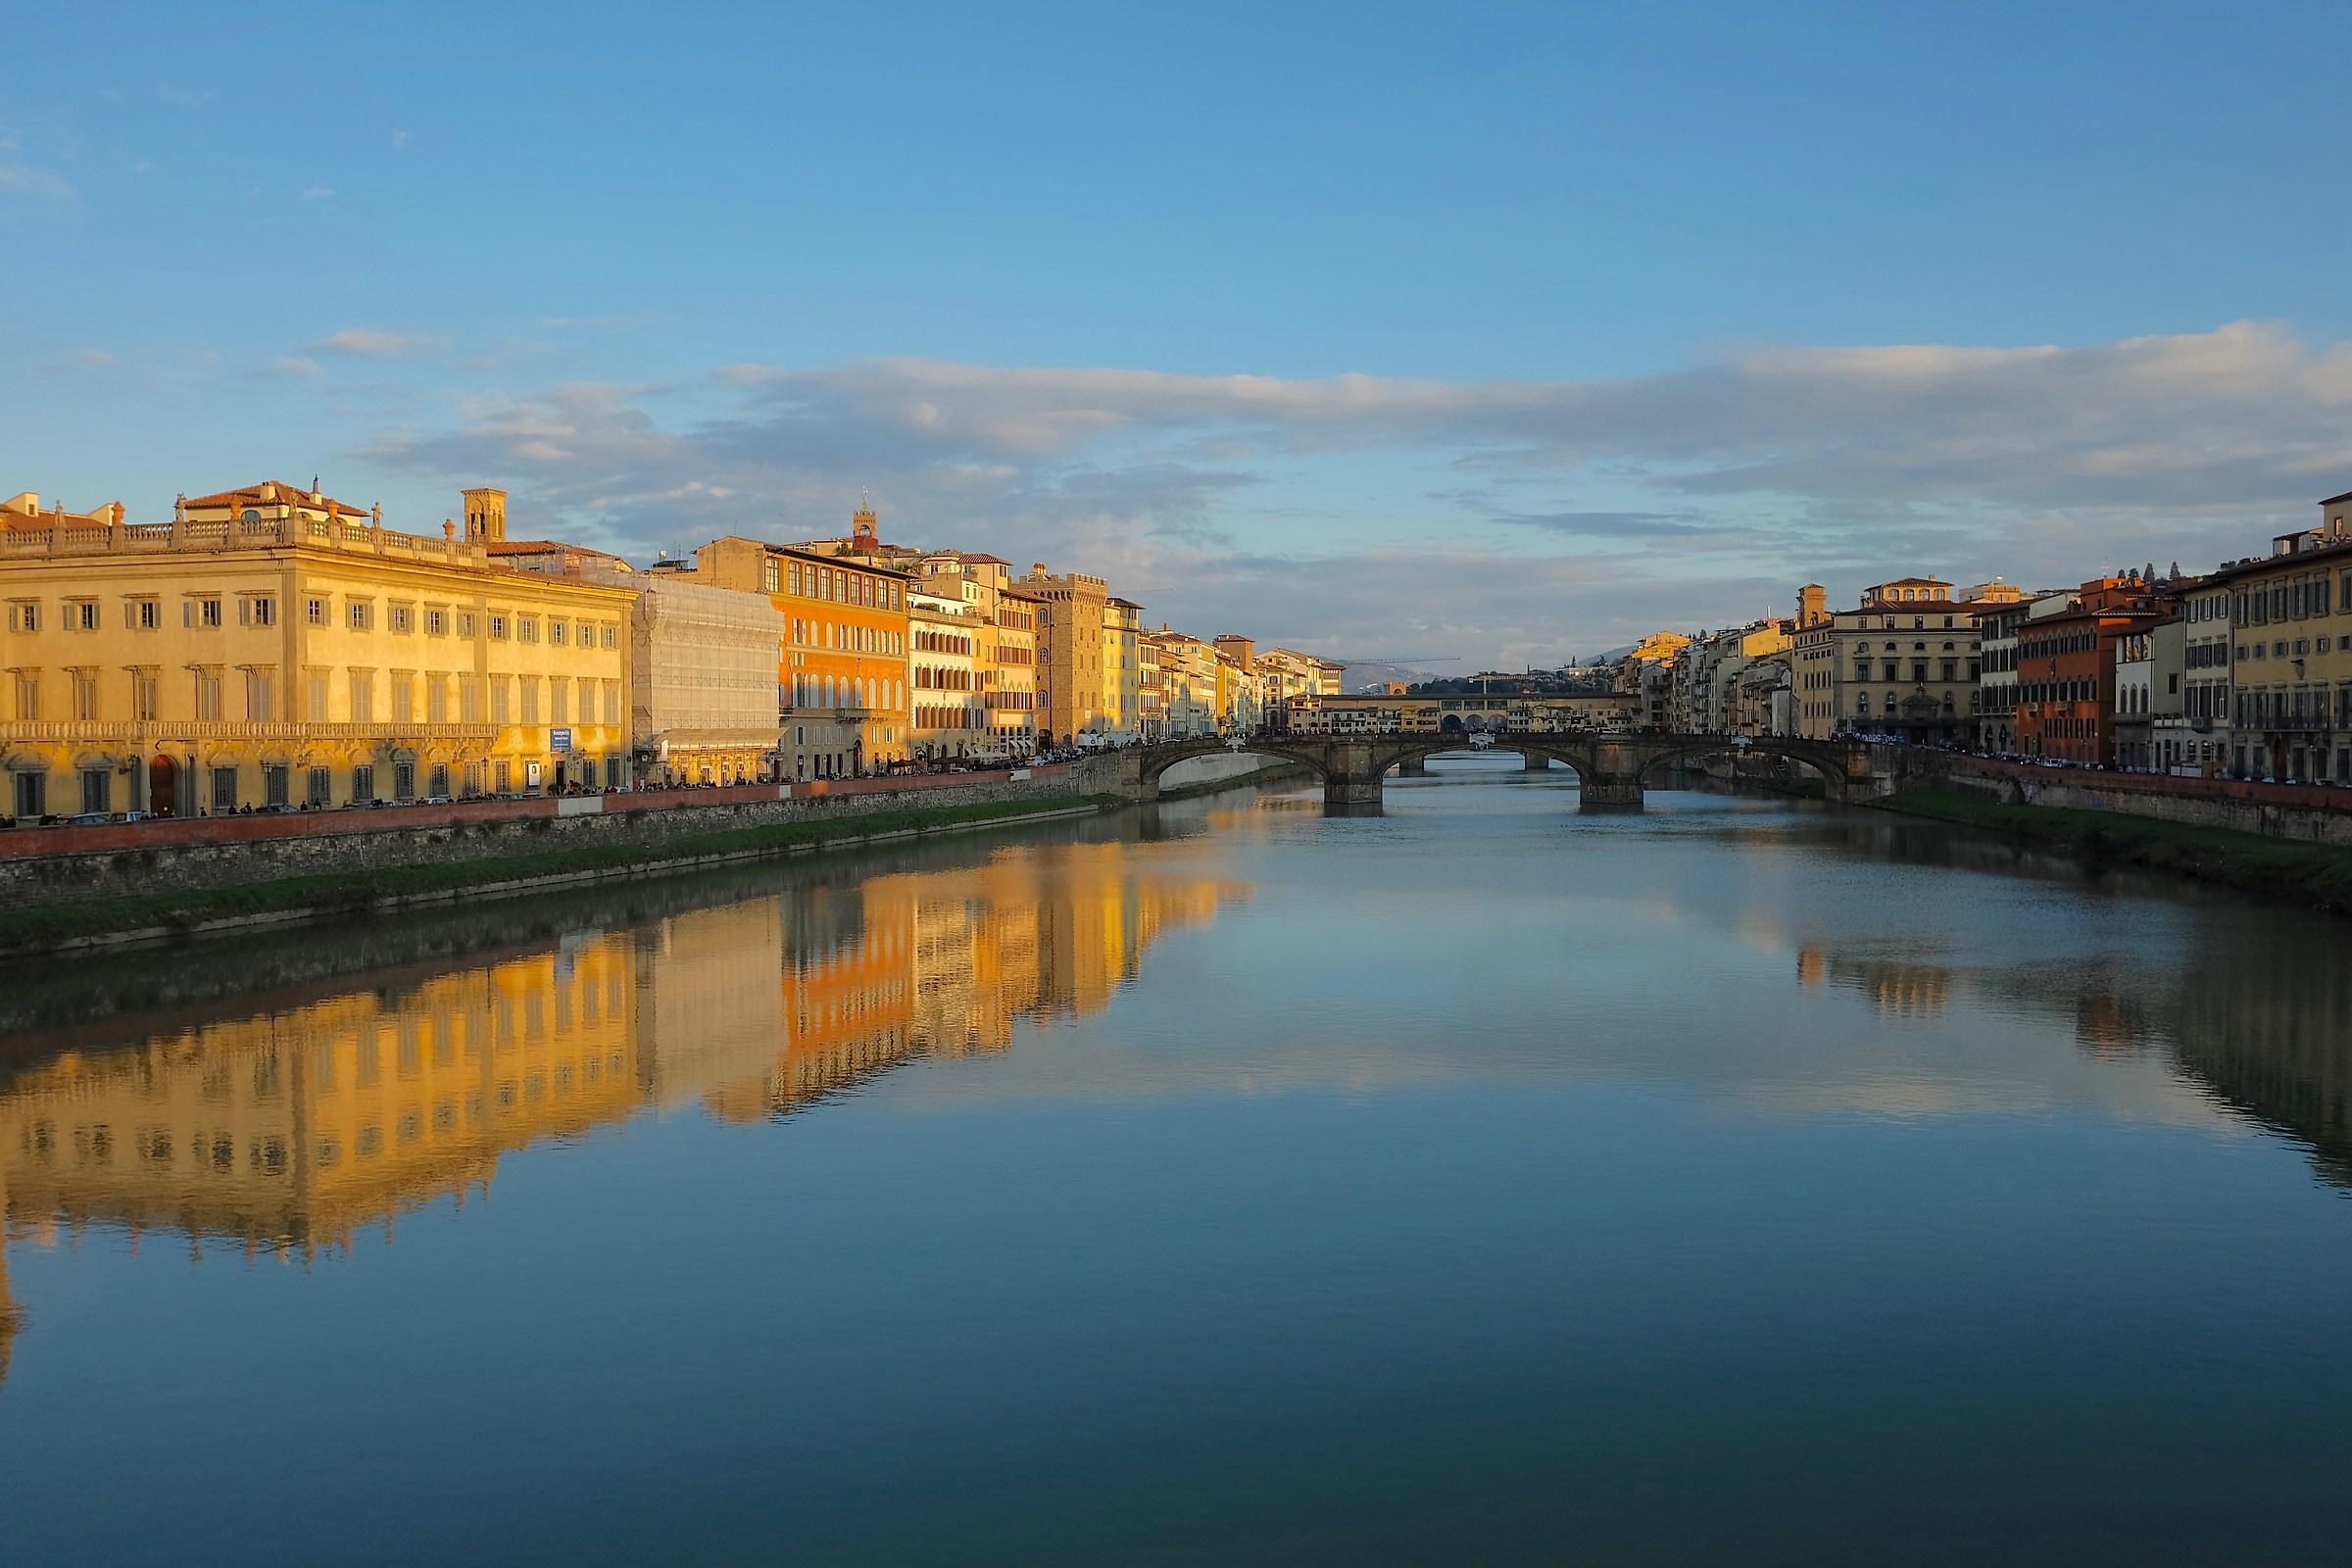 Passeggiando per Firenze...